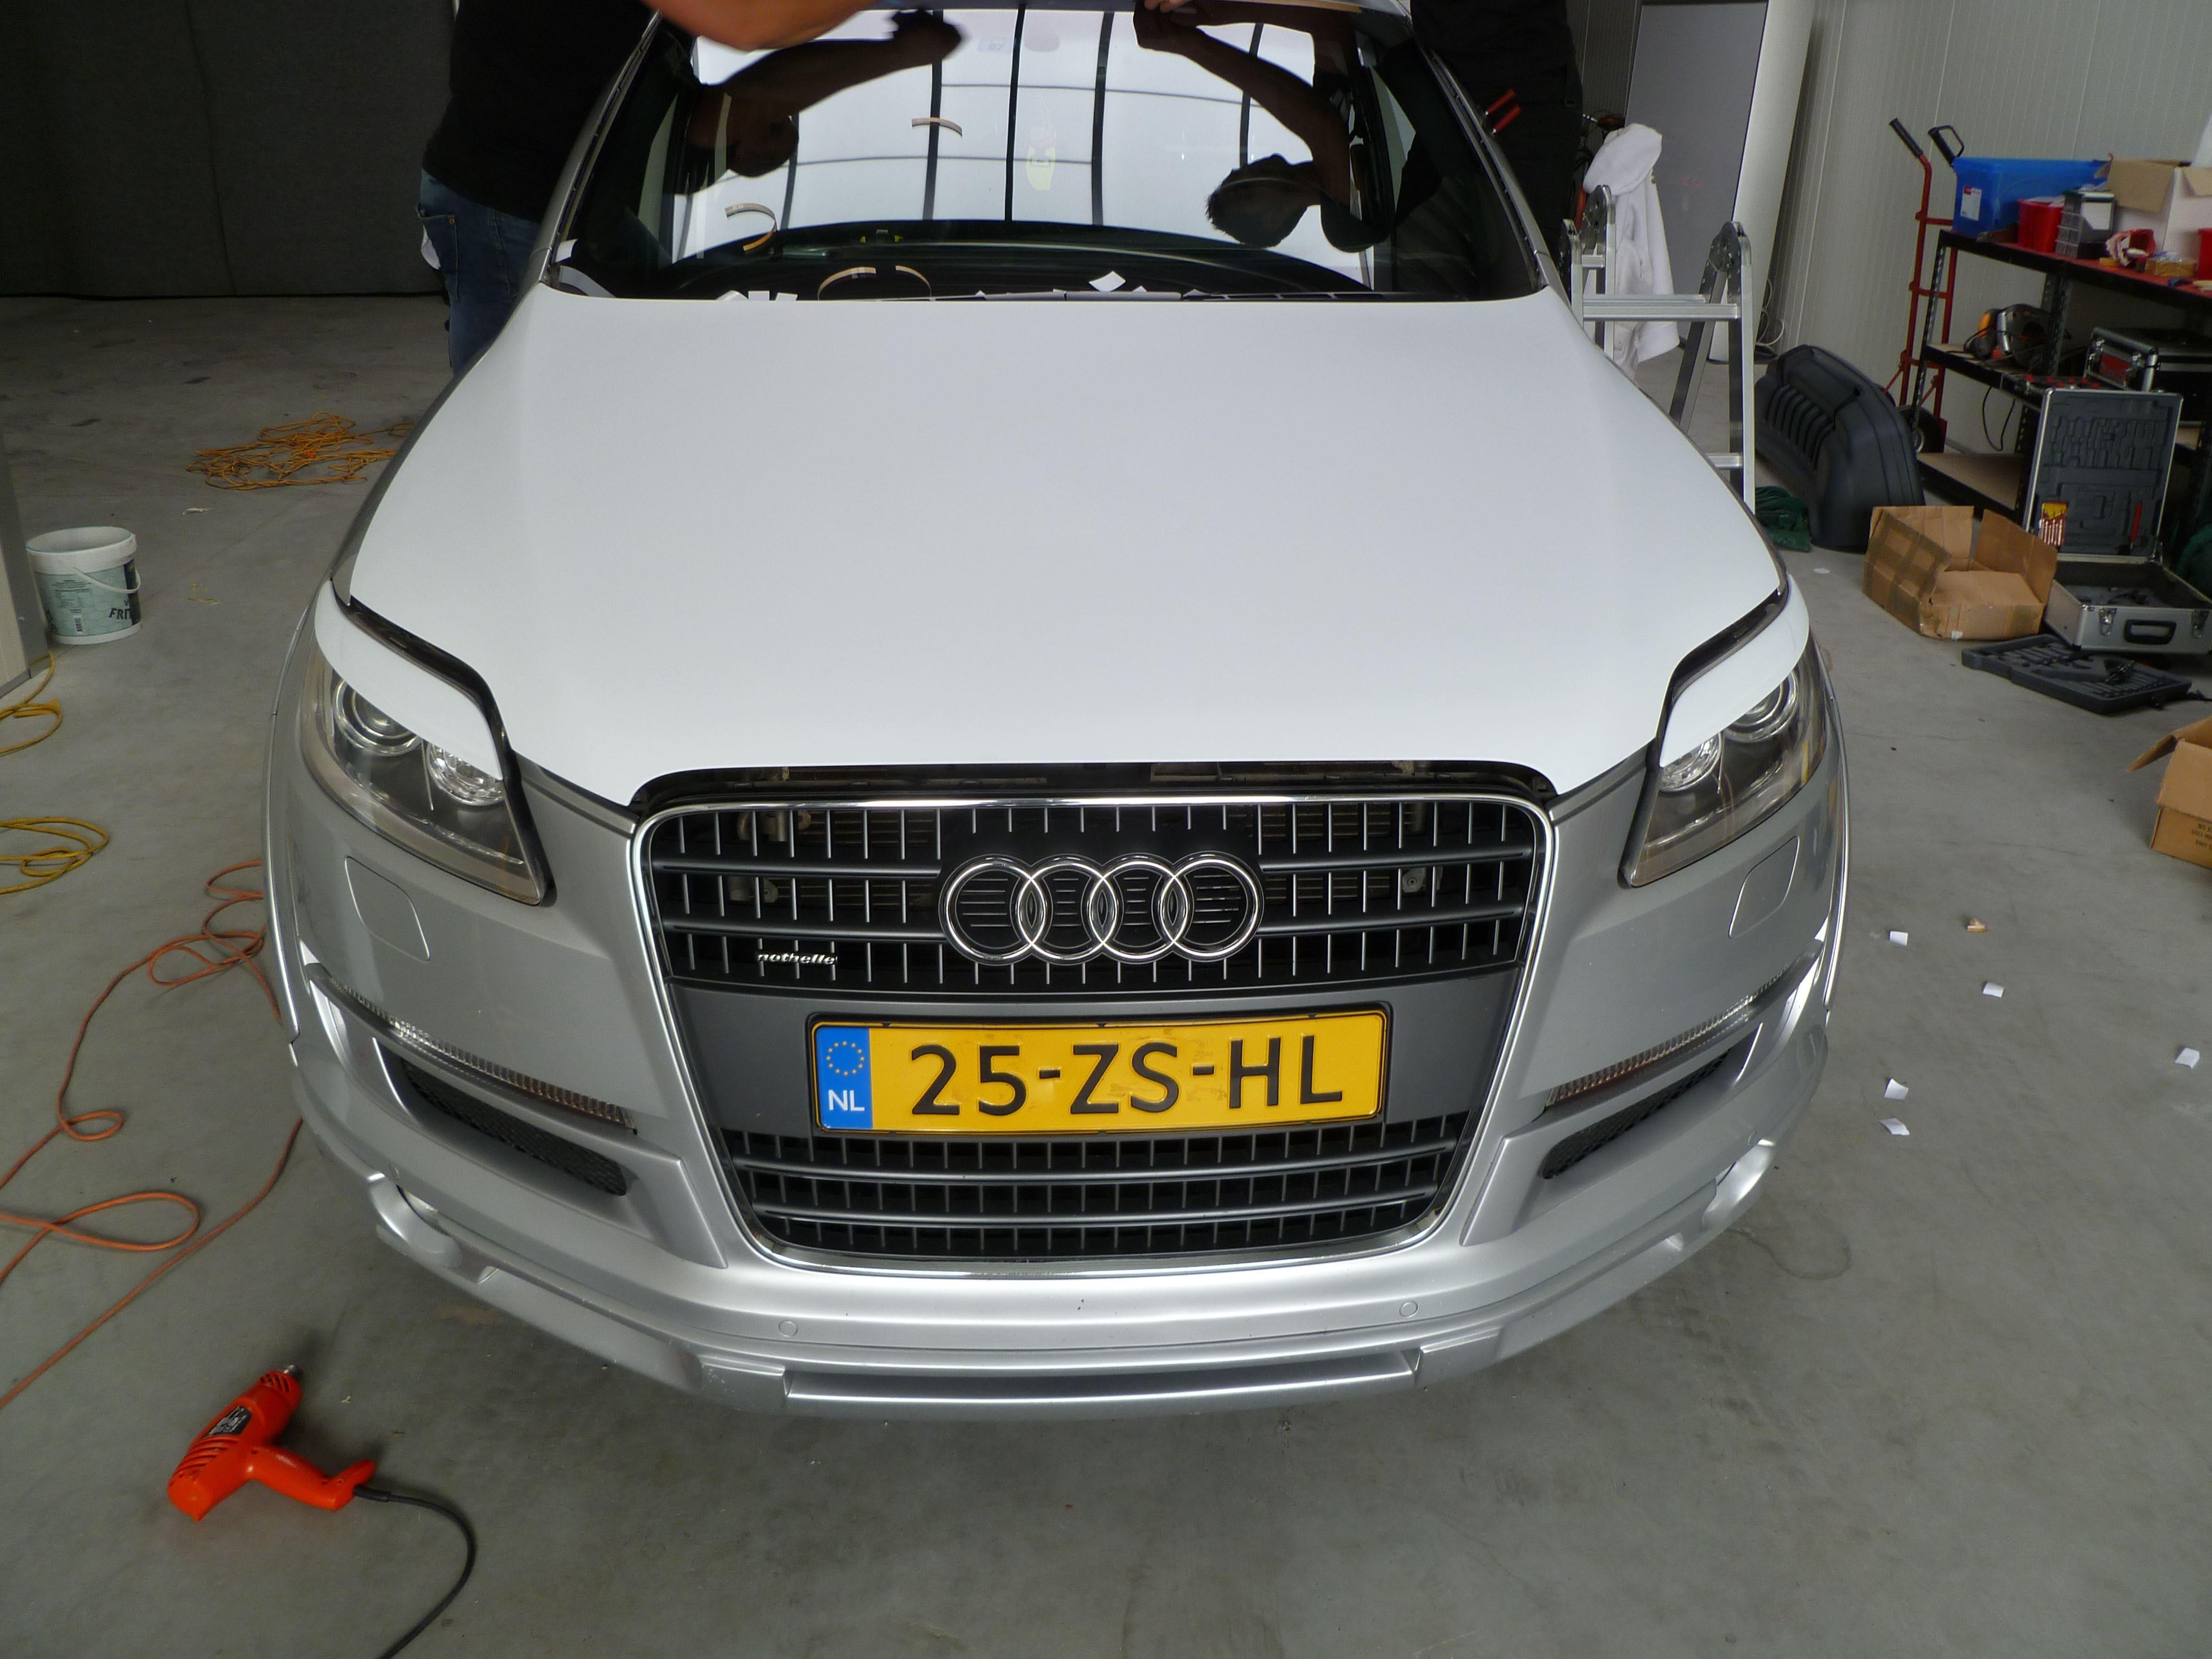 Audi Q7 met Mat Witte Wrap, Carwrapping door Wrapmyride.nu Foto-nr:4967, ©2021